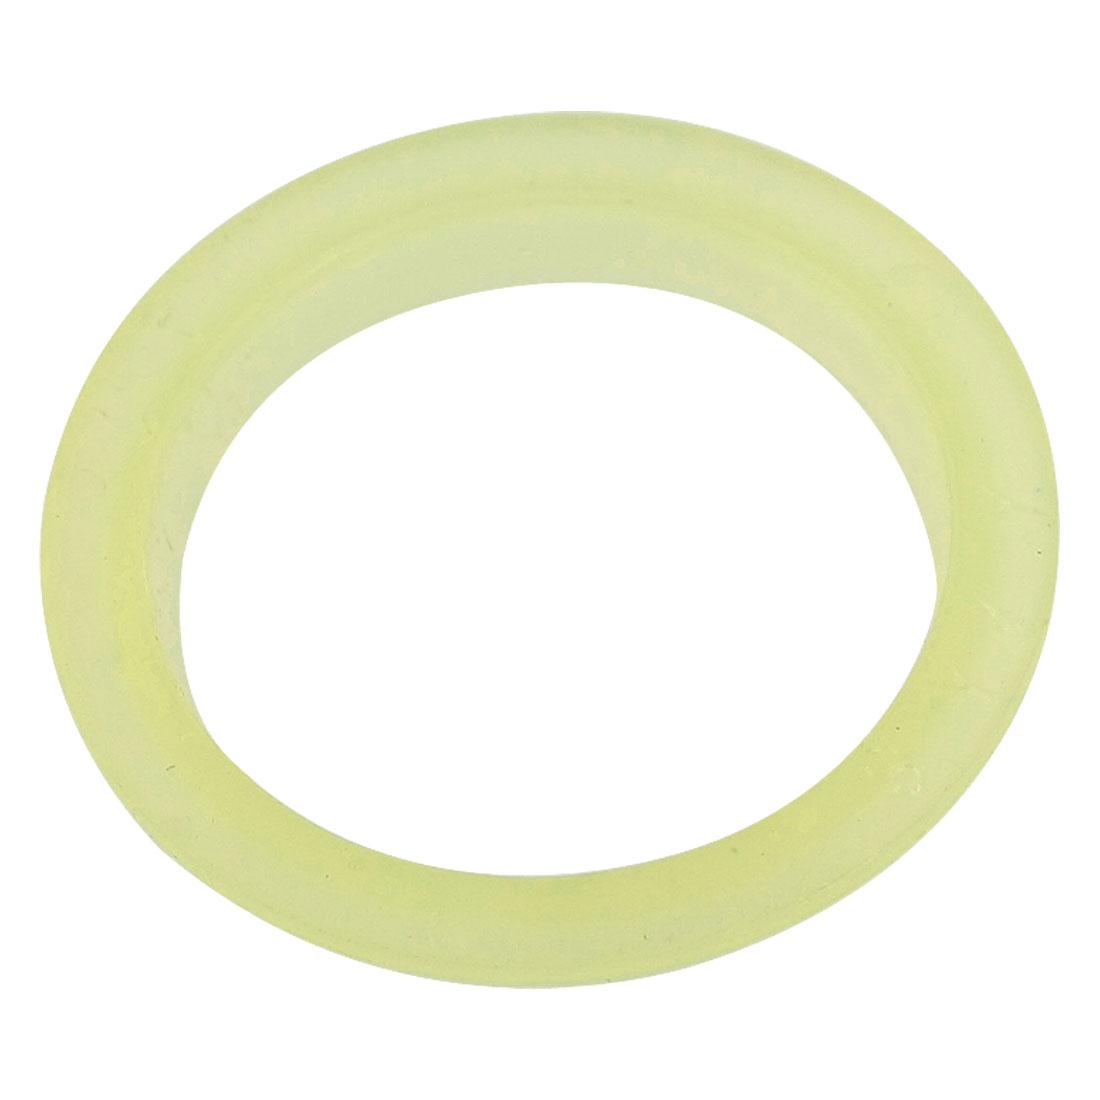 Air Cylinder PU Gasket Ultrathin Single Lip Dust Seal 28 x 38 x 2.5 x 5mm